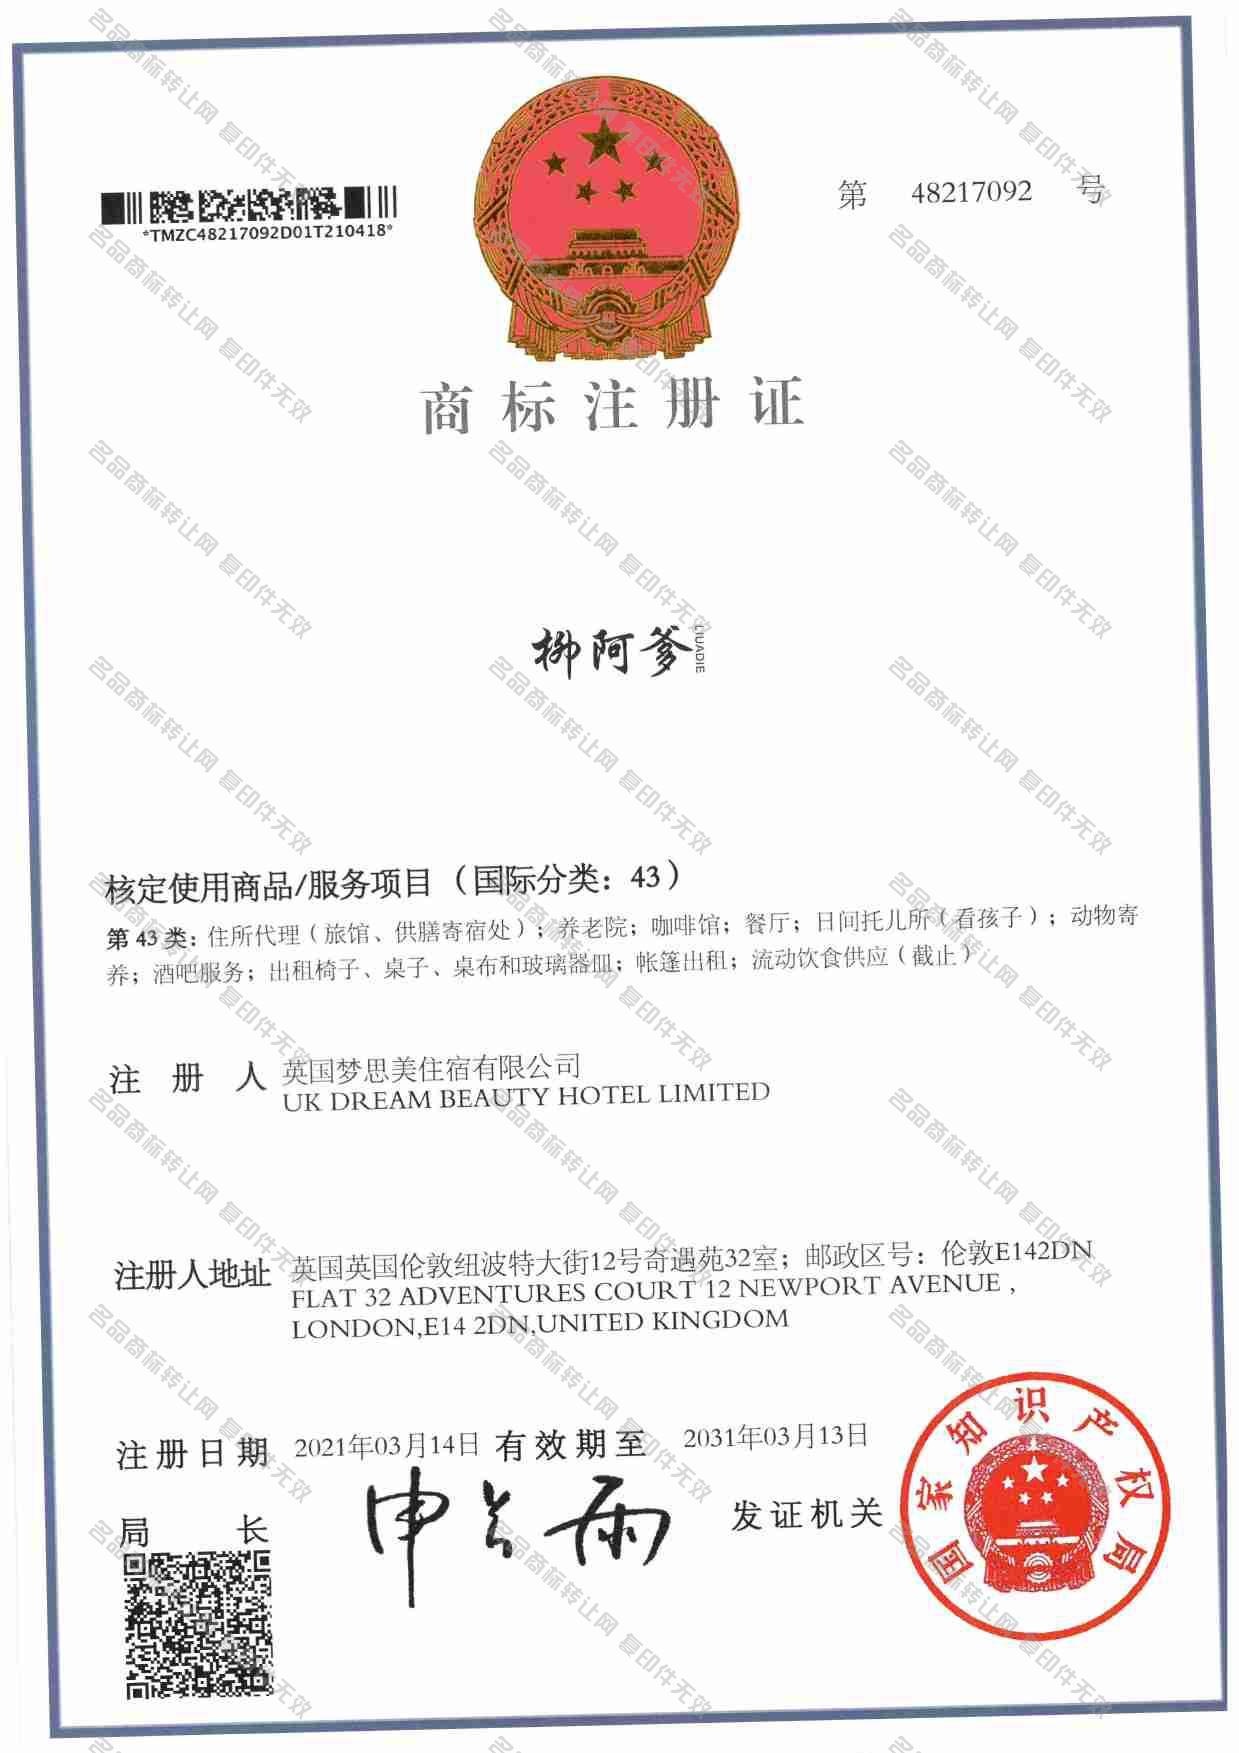 柳阿爹注册证